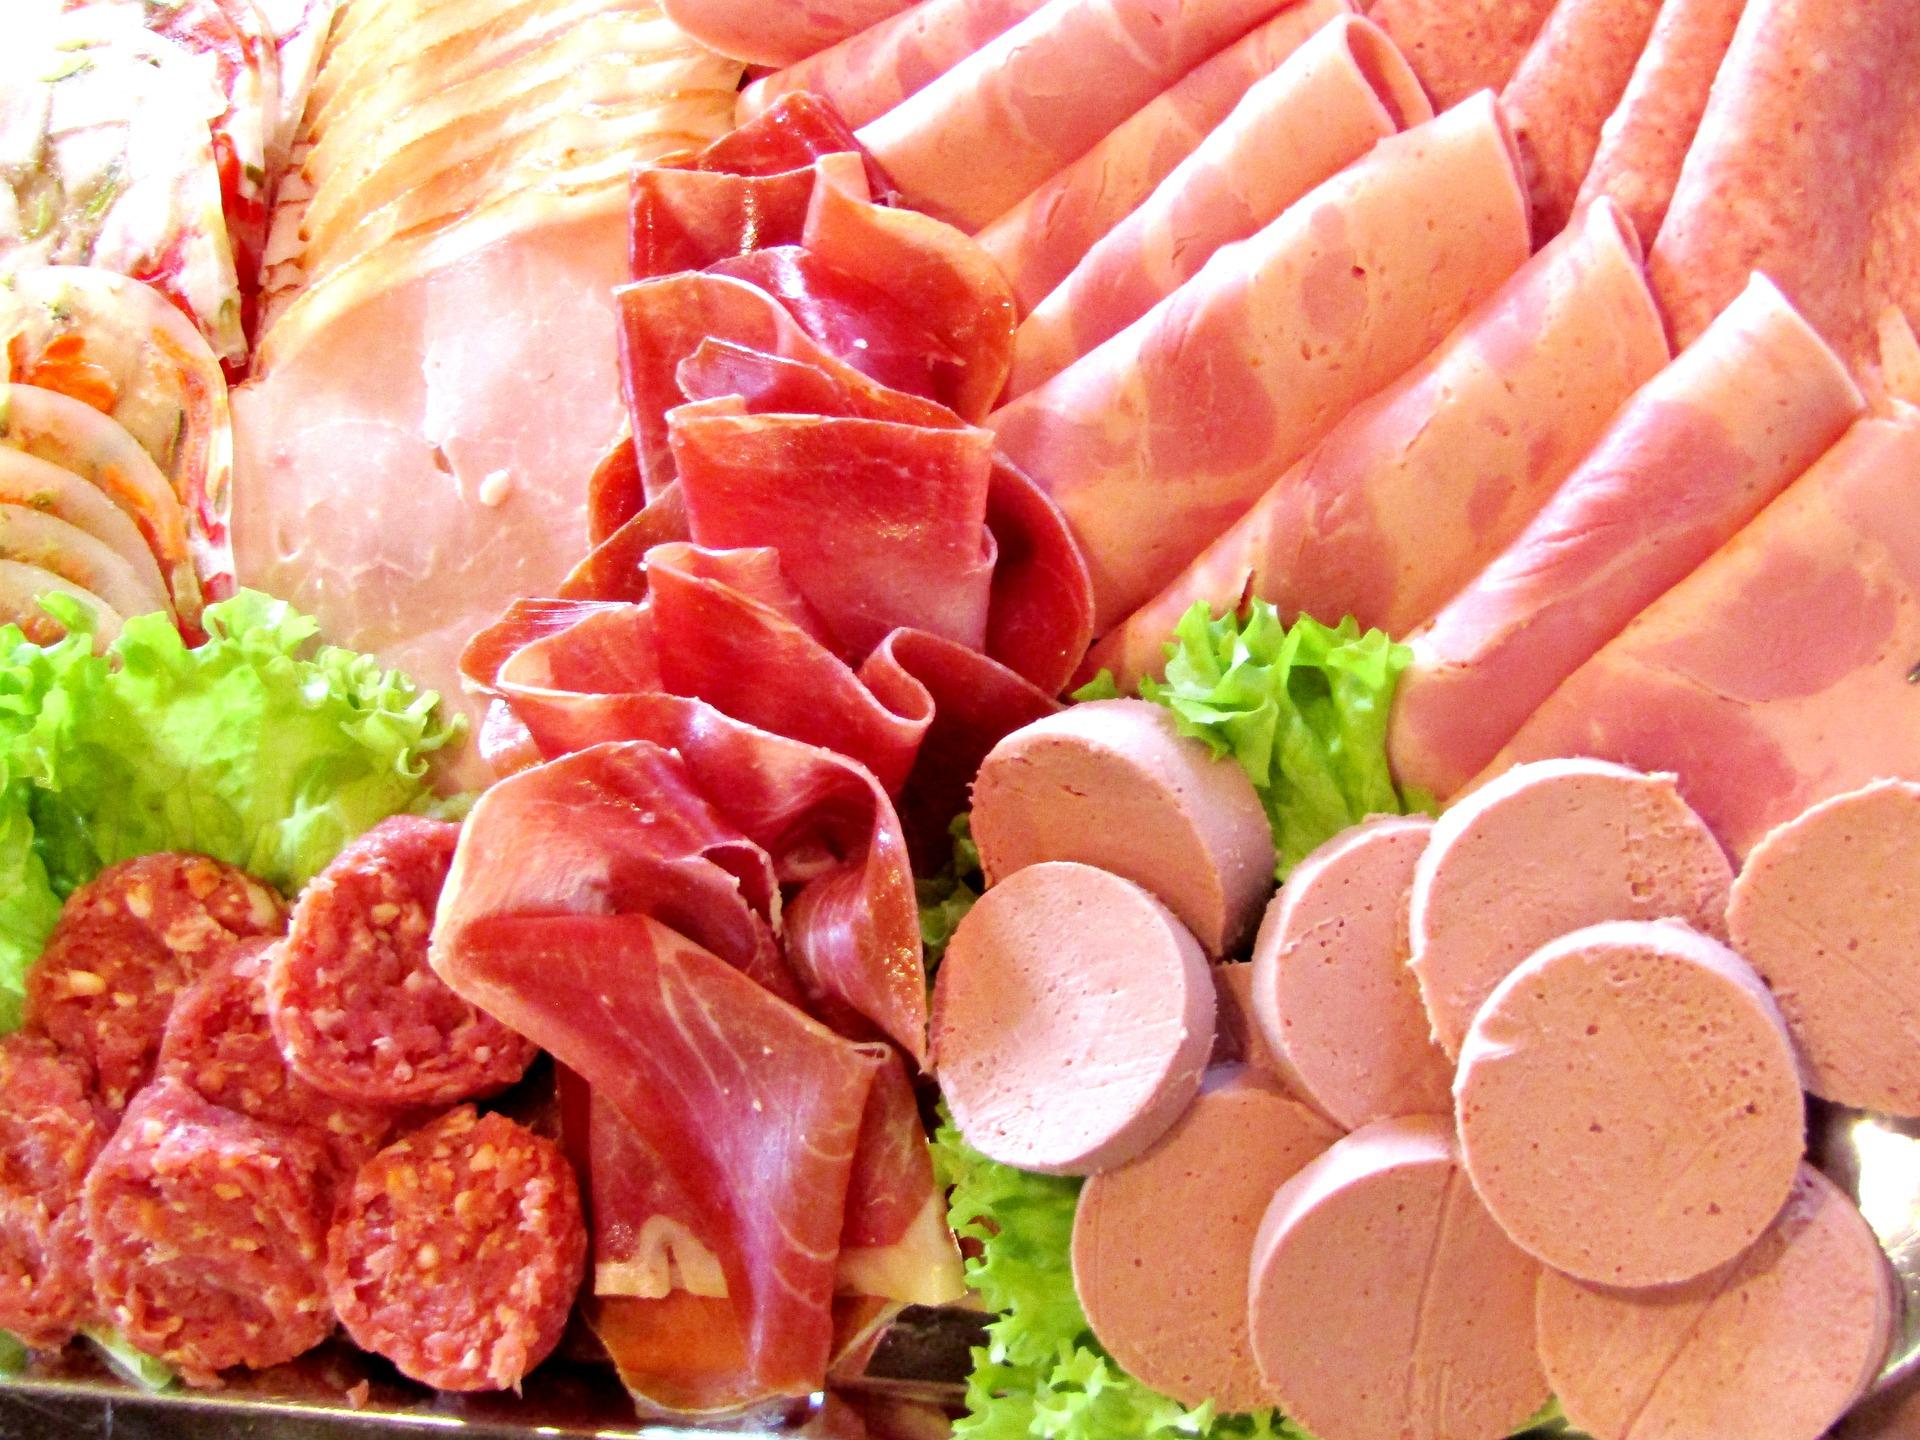 Право експорту до ЄС мають 362 українські виробники тваринницької продукції